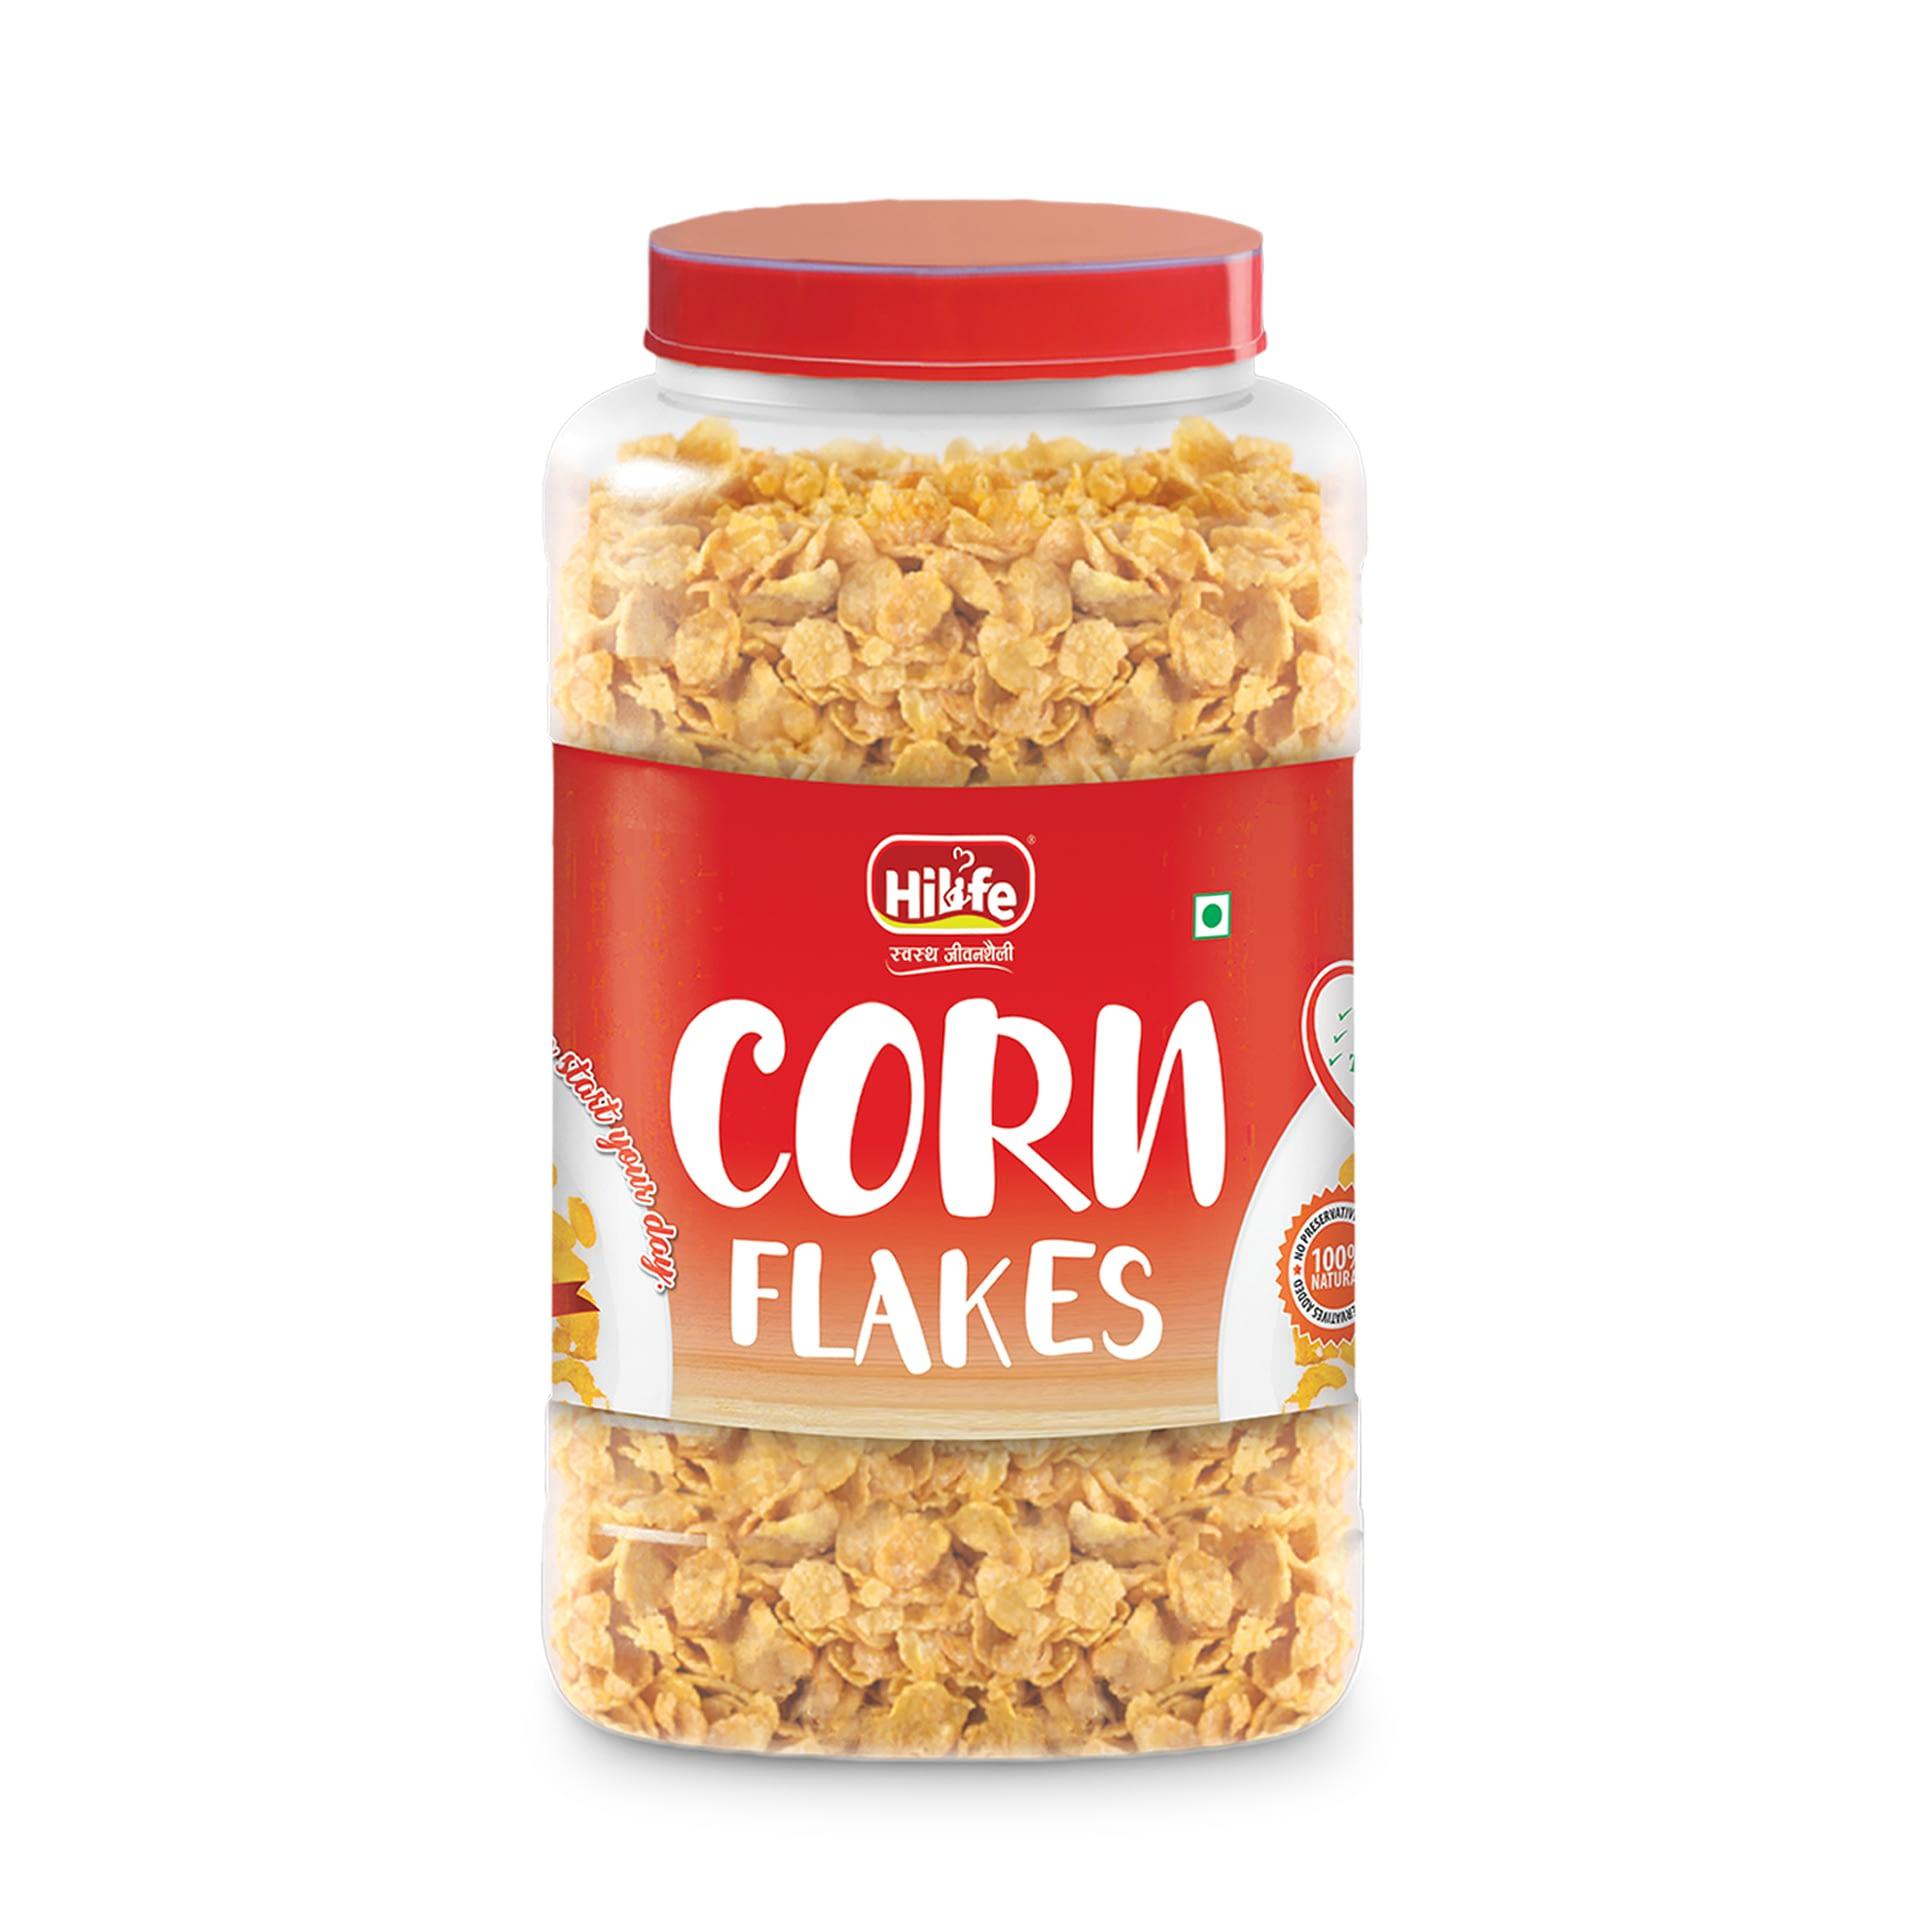 Cornflakes Jar